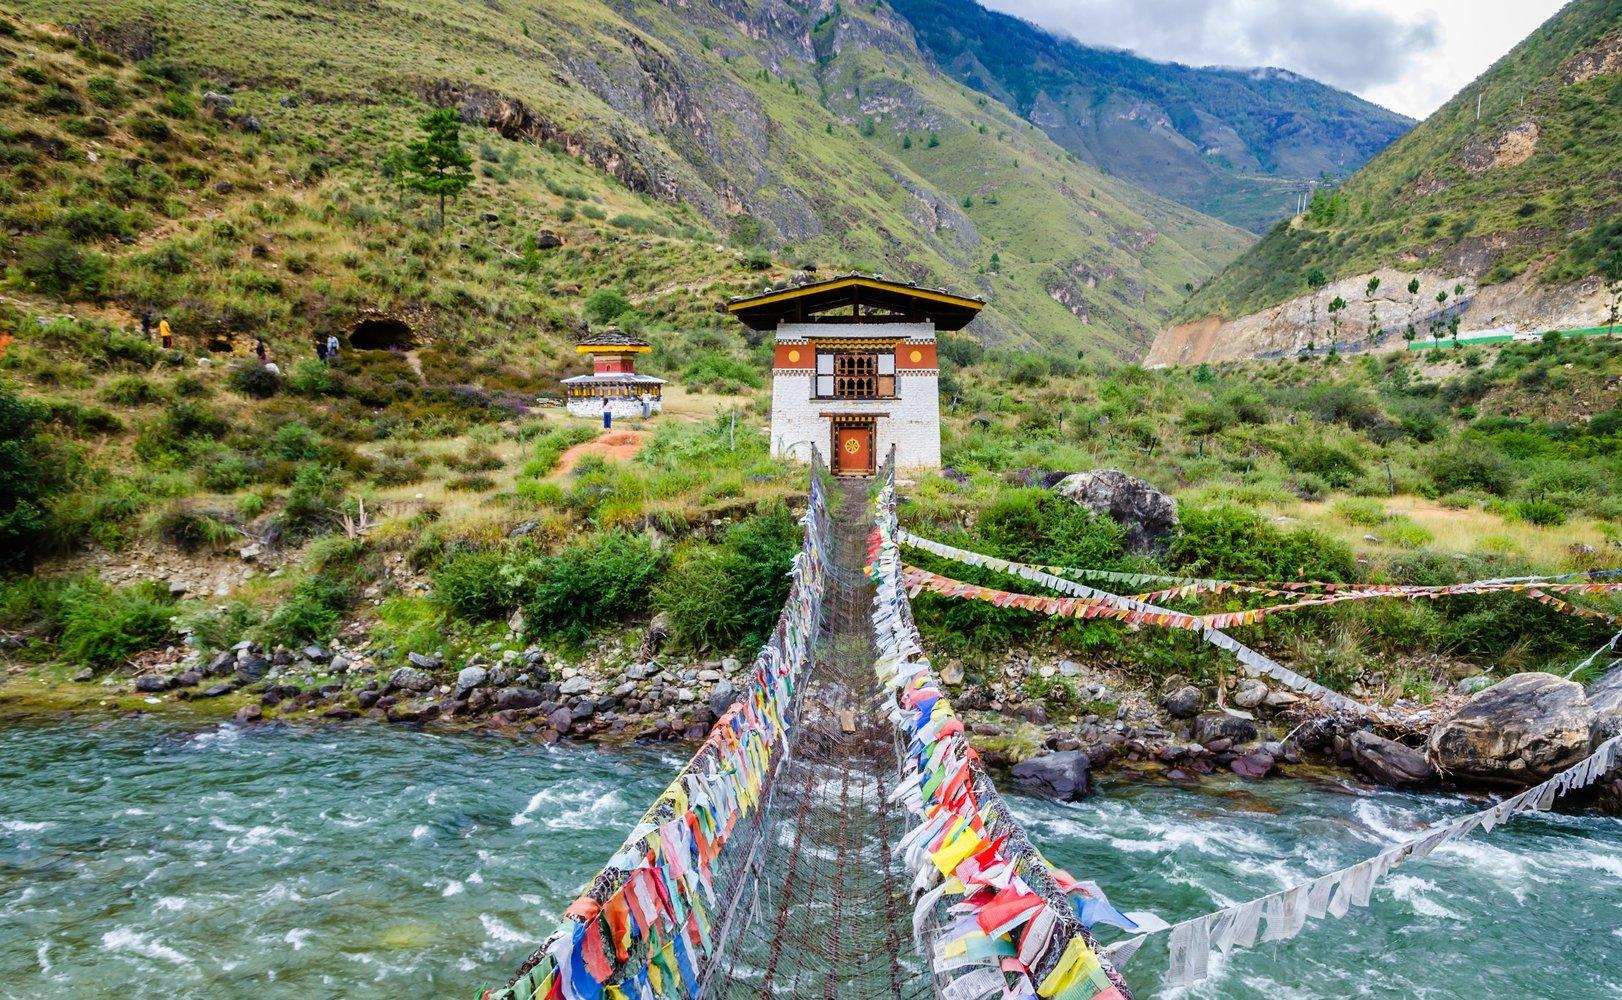 भूटान- भारताच्या बाजूलाच असलेला हा देश पर्यटनासाठी सर्वोत्तम देश आहे. जगातील सर्वात गरीब देशांपैकी हा एक देश आहे. पण तरीही इथली सुंदर स्थळ भल्या भल्या श्रीमंत देशांना लाजवतील अशीच आहेत. हा देश फार सुखी आणि शांत आहे. भारतीयांना भूटान जाण्यासाठी व्हिसाची गरज लागत नाही.